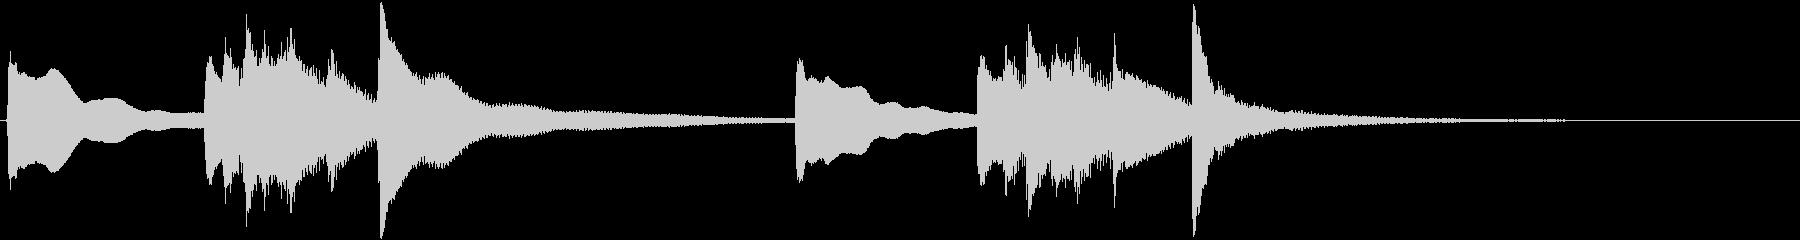 お正月の定番曲「春の海」から冒頭のフレ…の未再生の波形